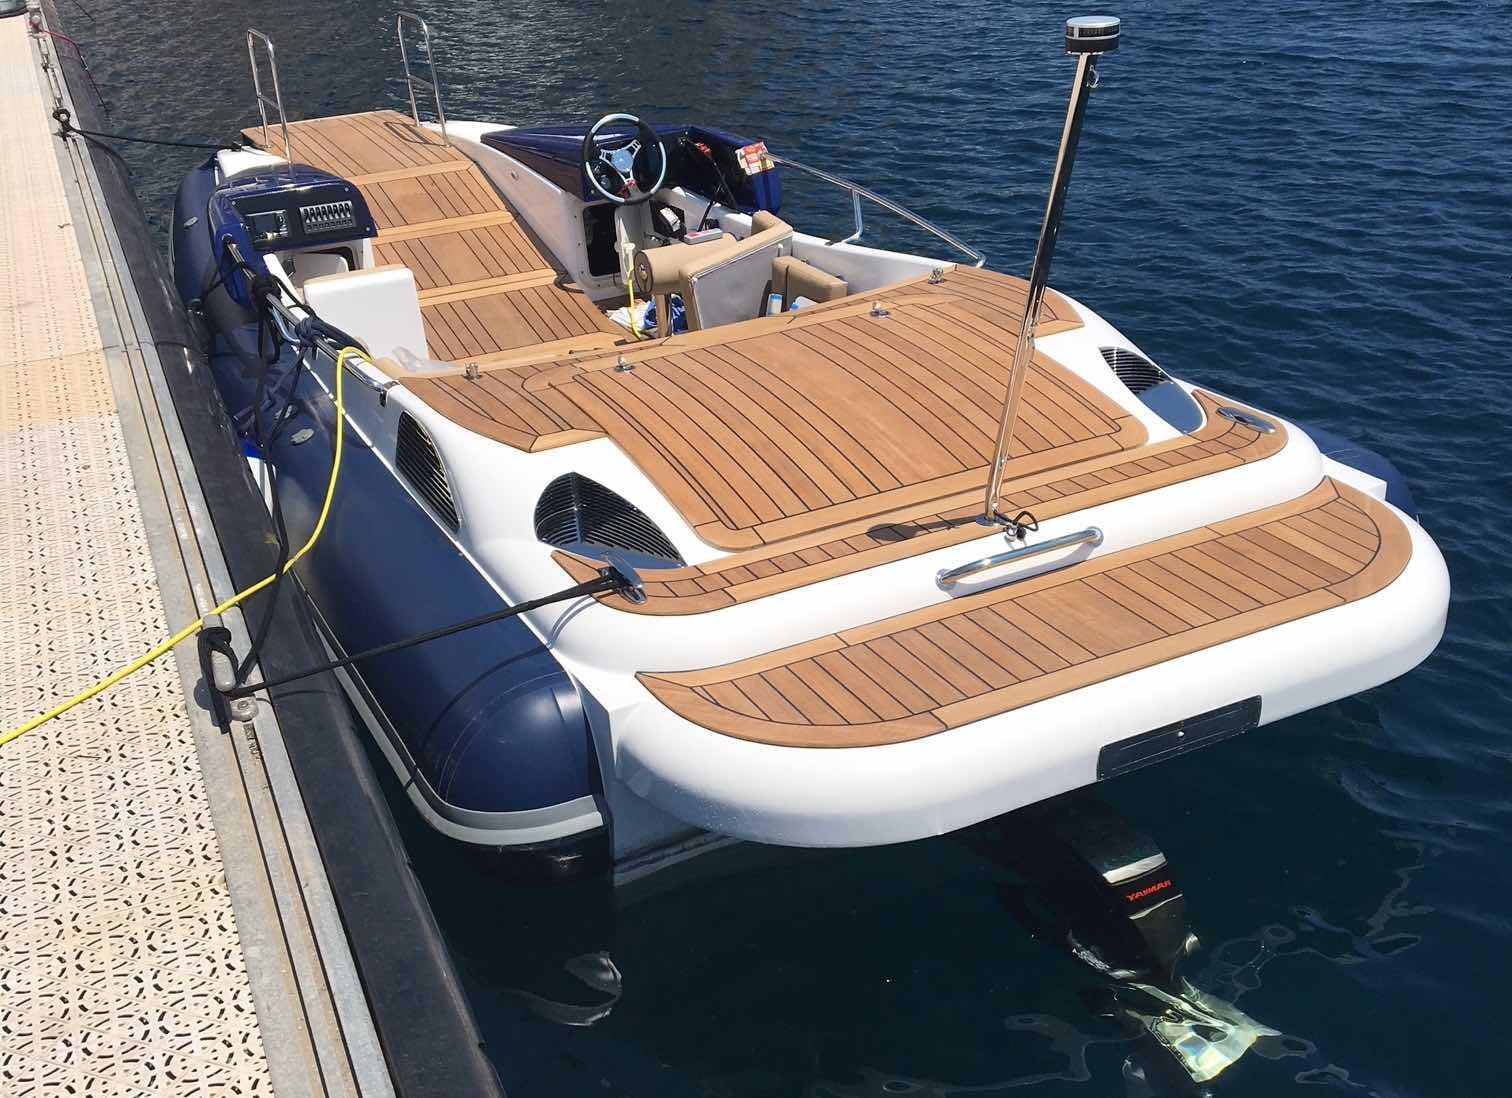 Speedboat with Marine Platform Lift